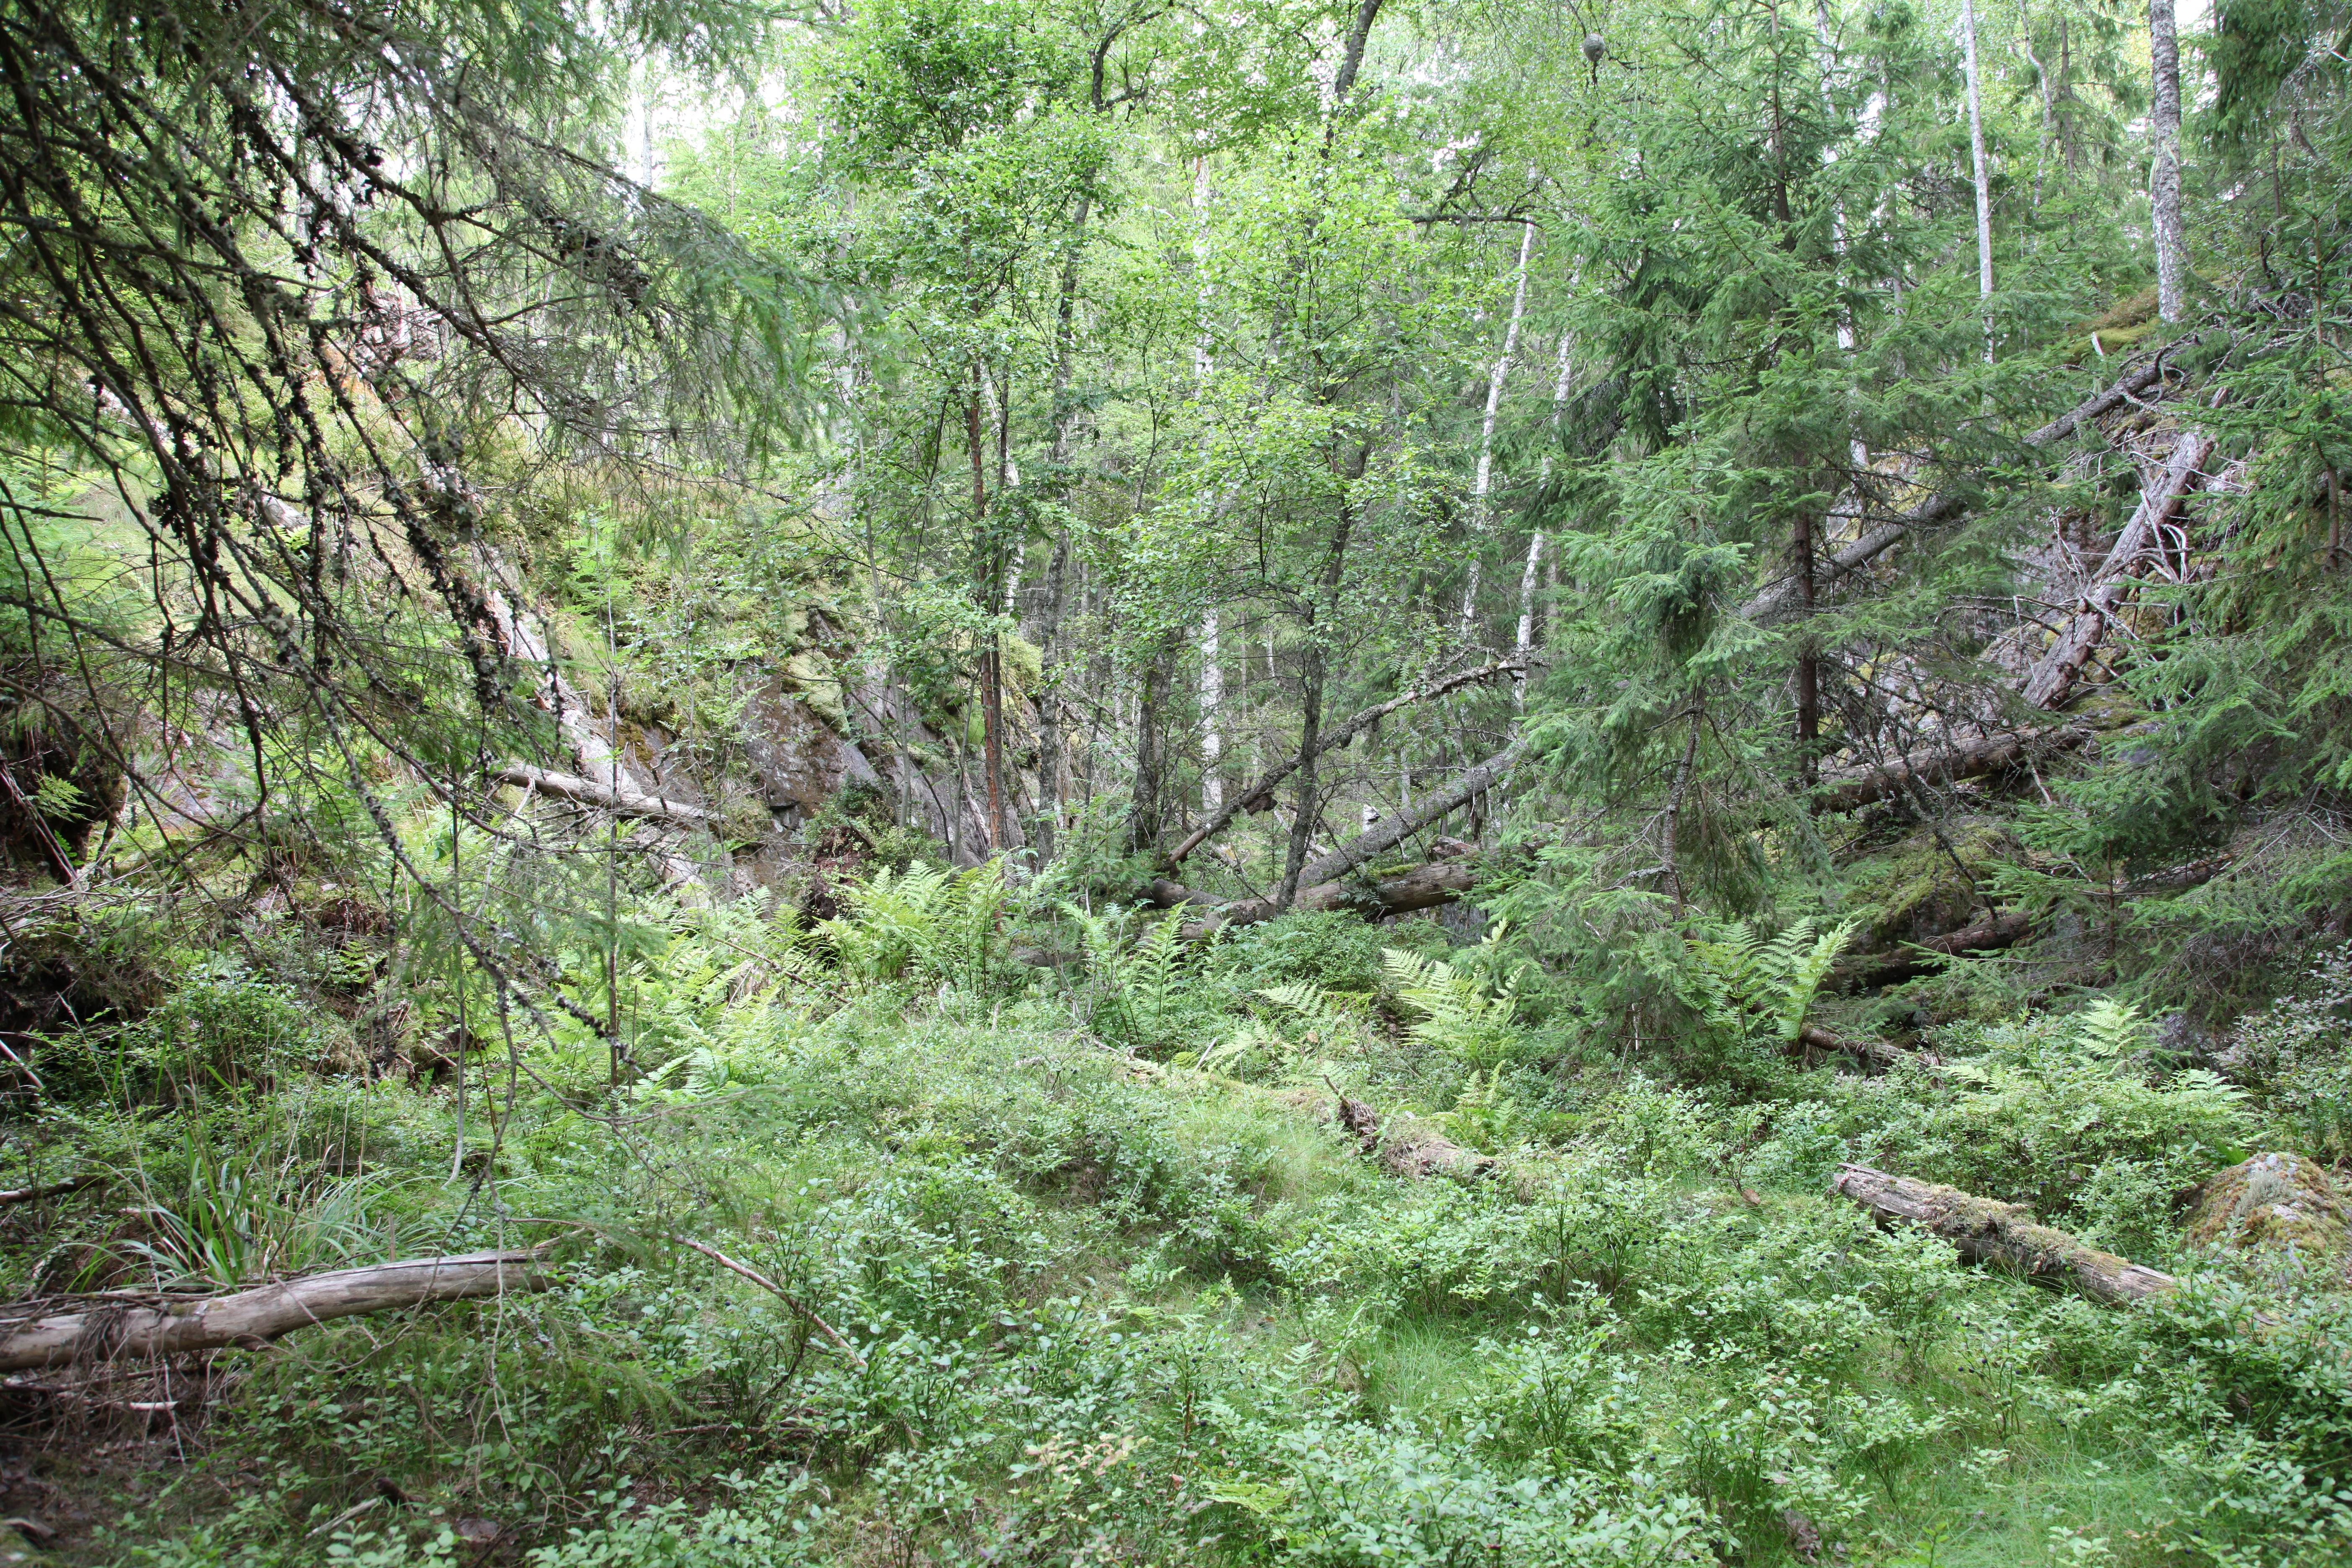 Ravinen. Notera det enorma getingboet som sitter högt upp i björken lite till höger i bild.